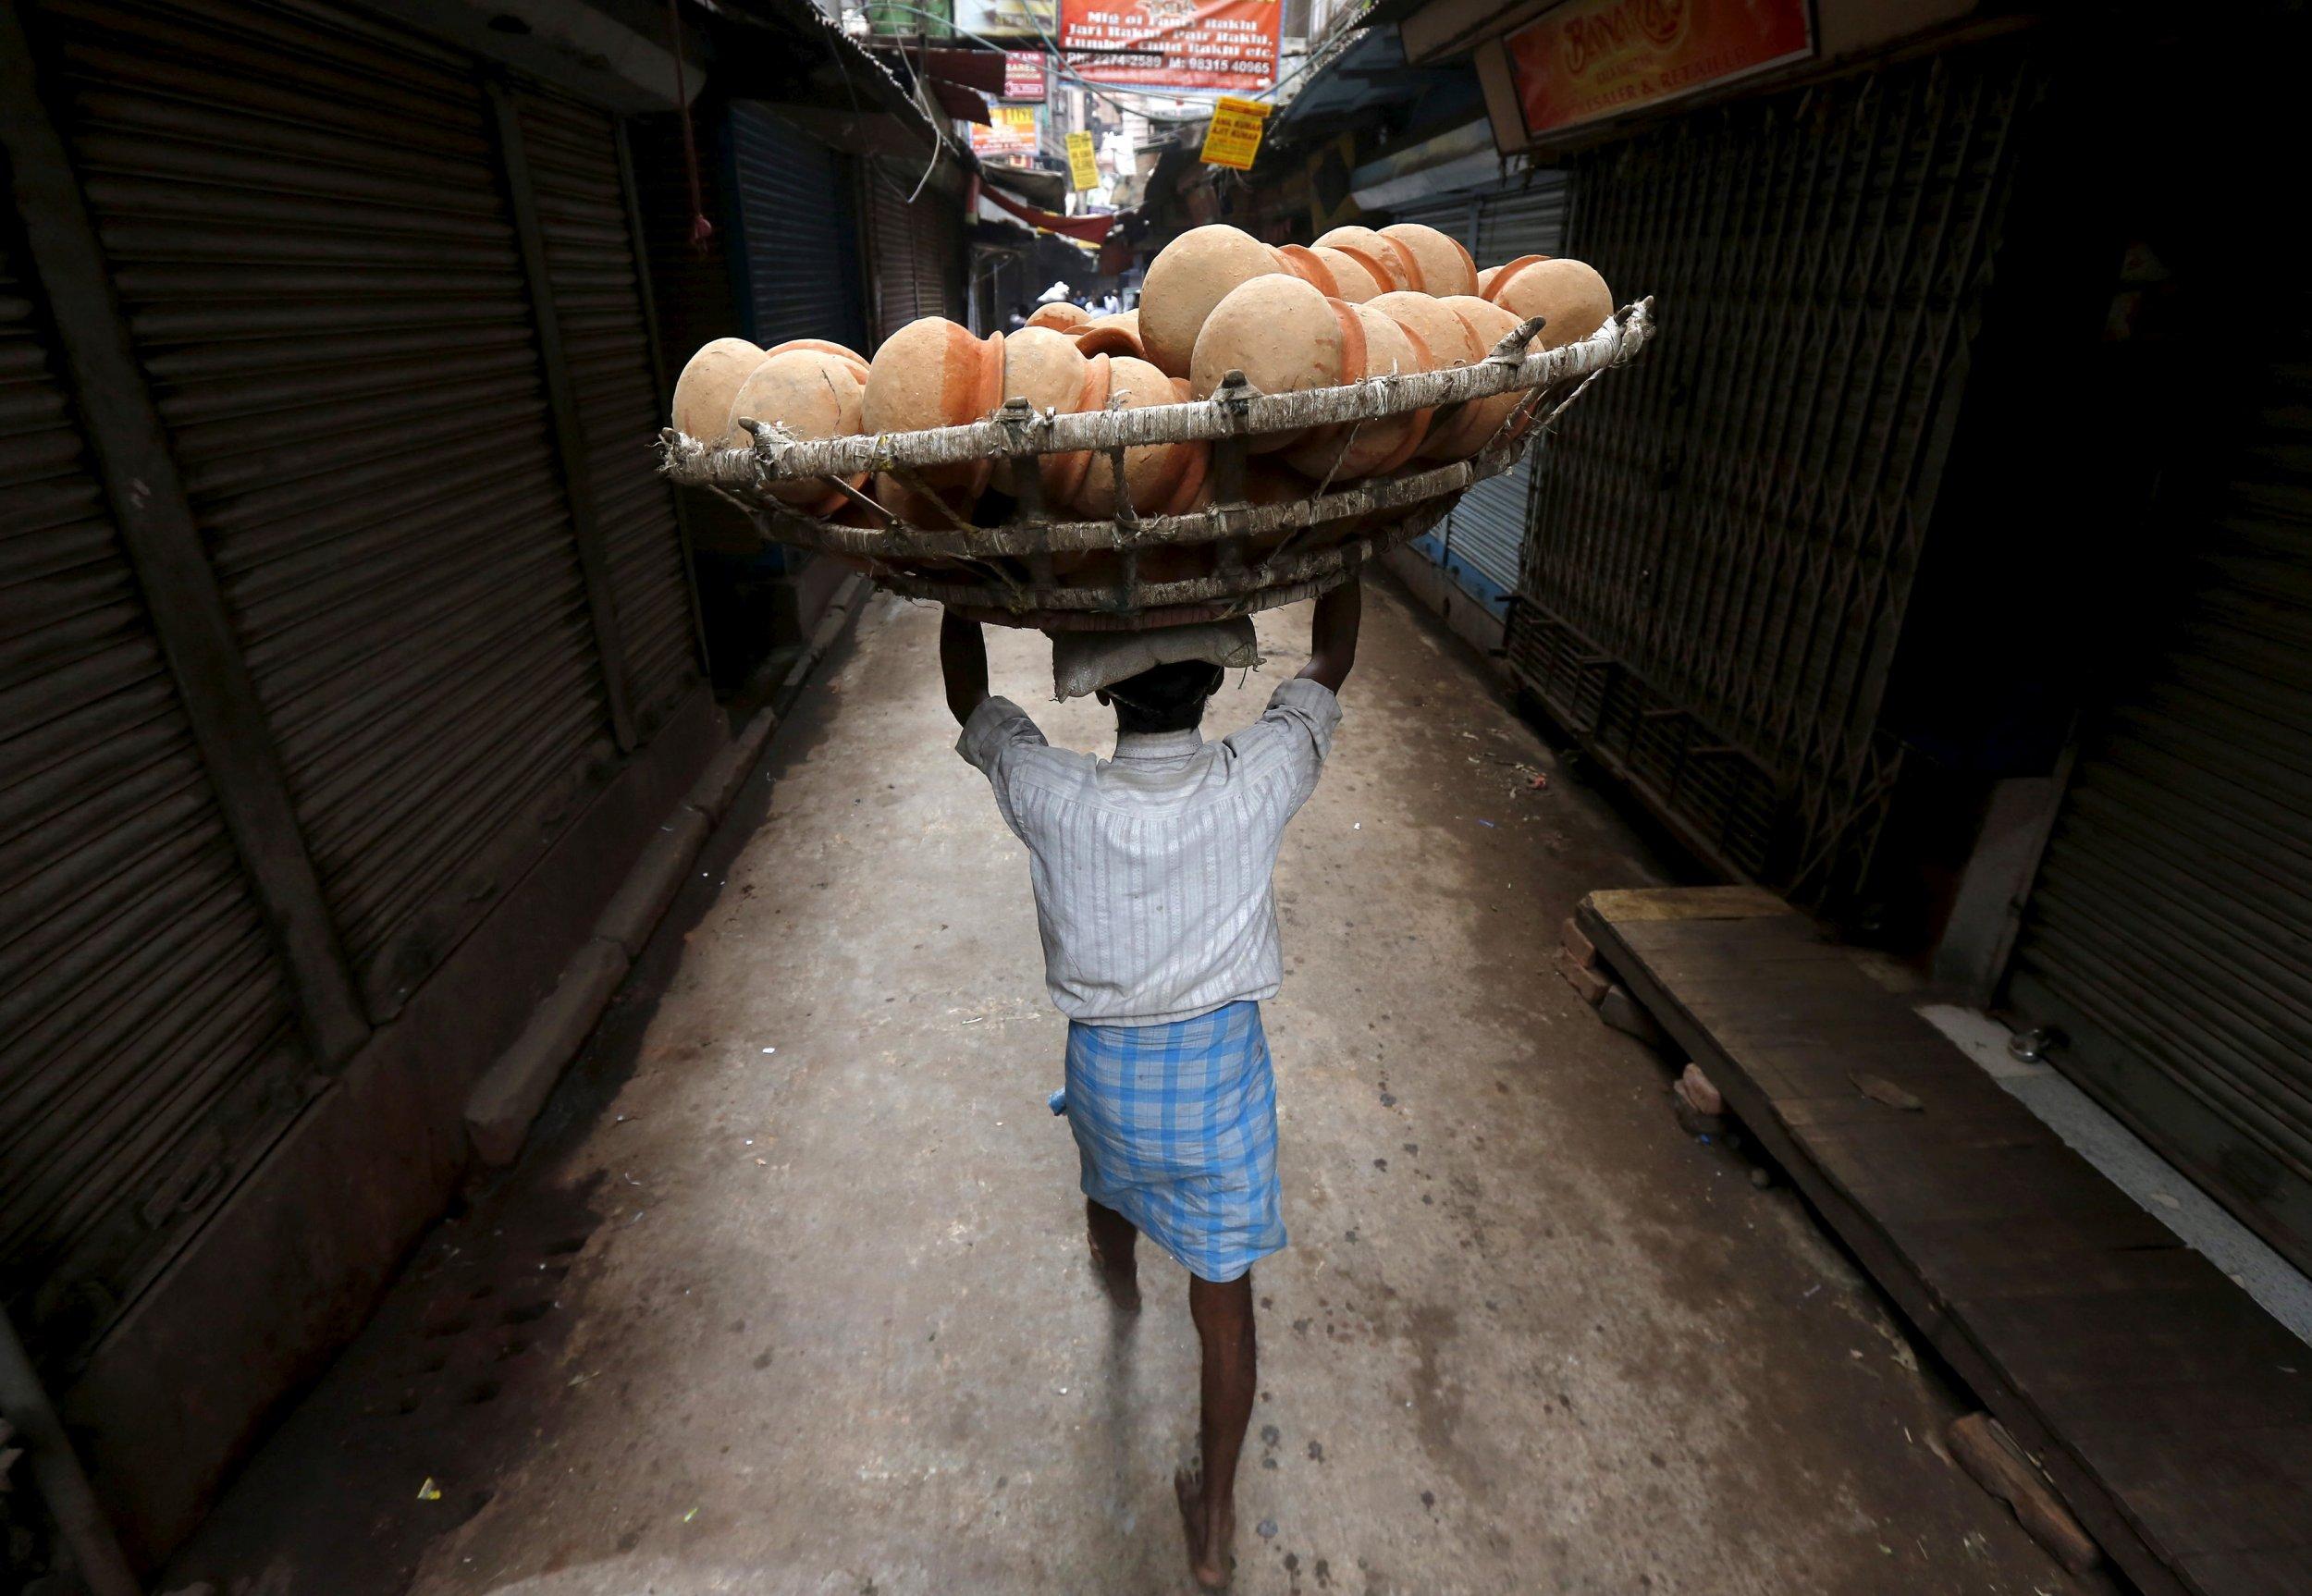 Market in Kolkota